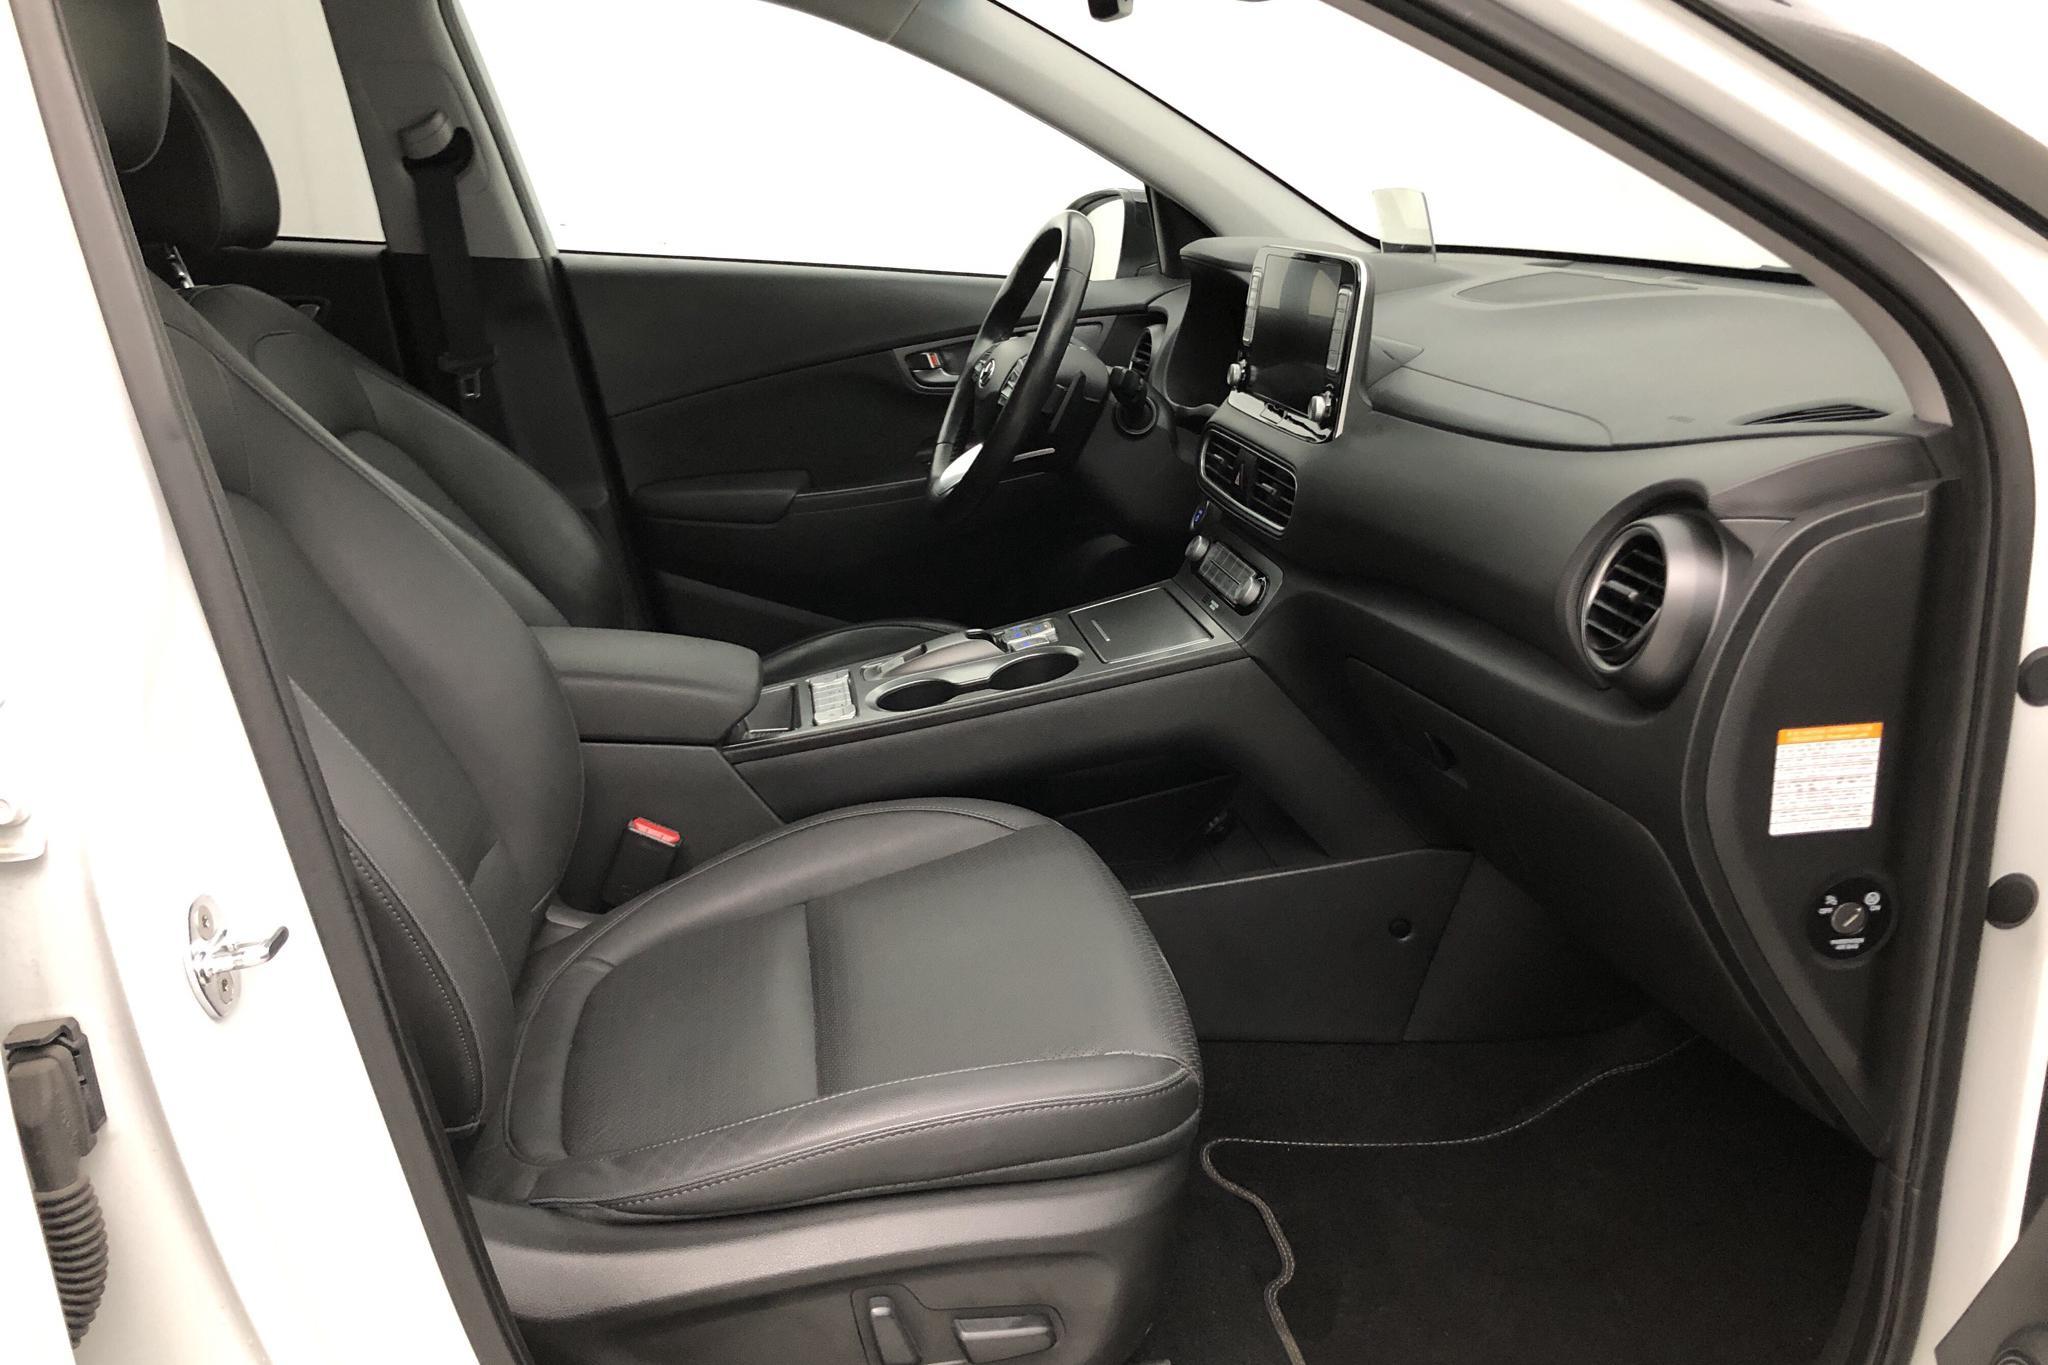 Hyundai Kona Electric Long Range 64kWh (204hk) - 40 810 km - Automatic - white - 2019